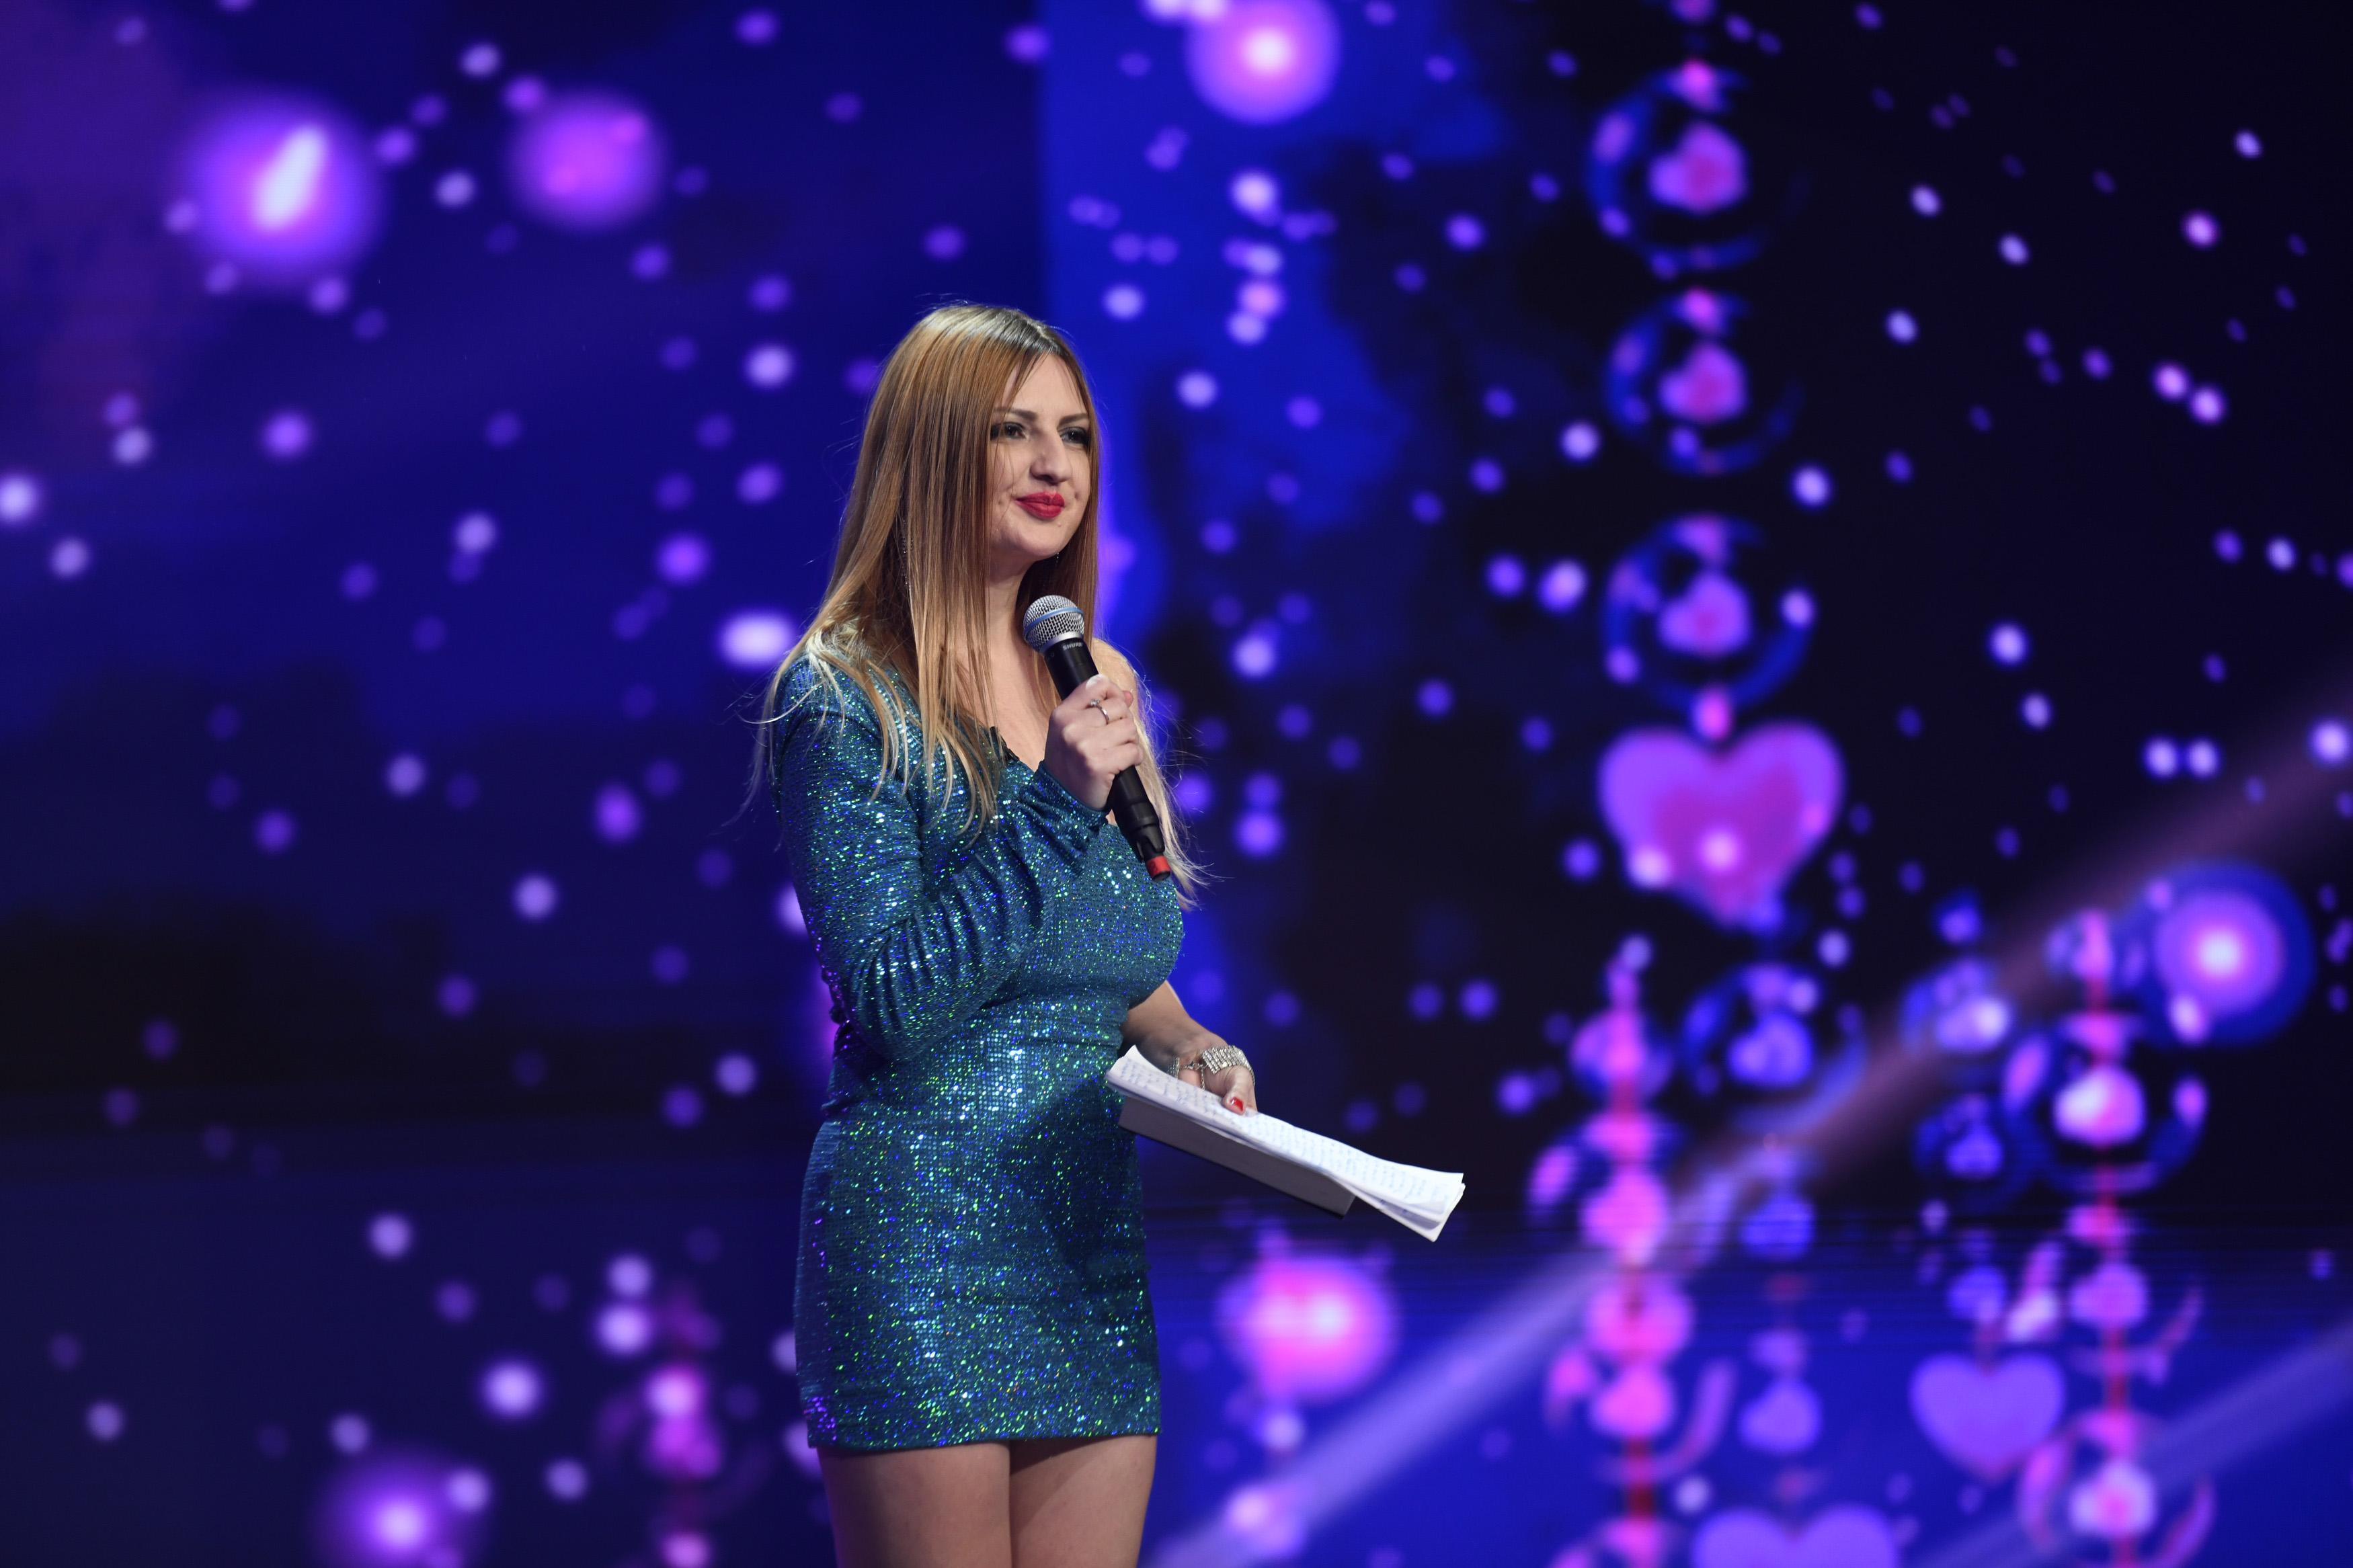 iUmor, 14 februarie 2021. Dulcica revine la iUmor cu cea mai frumoasă declarație de dragoste pentru Mihai Bendeac